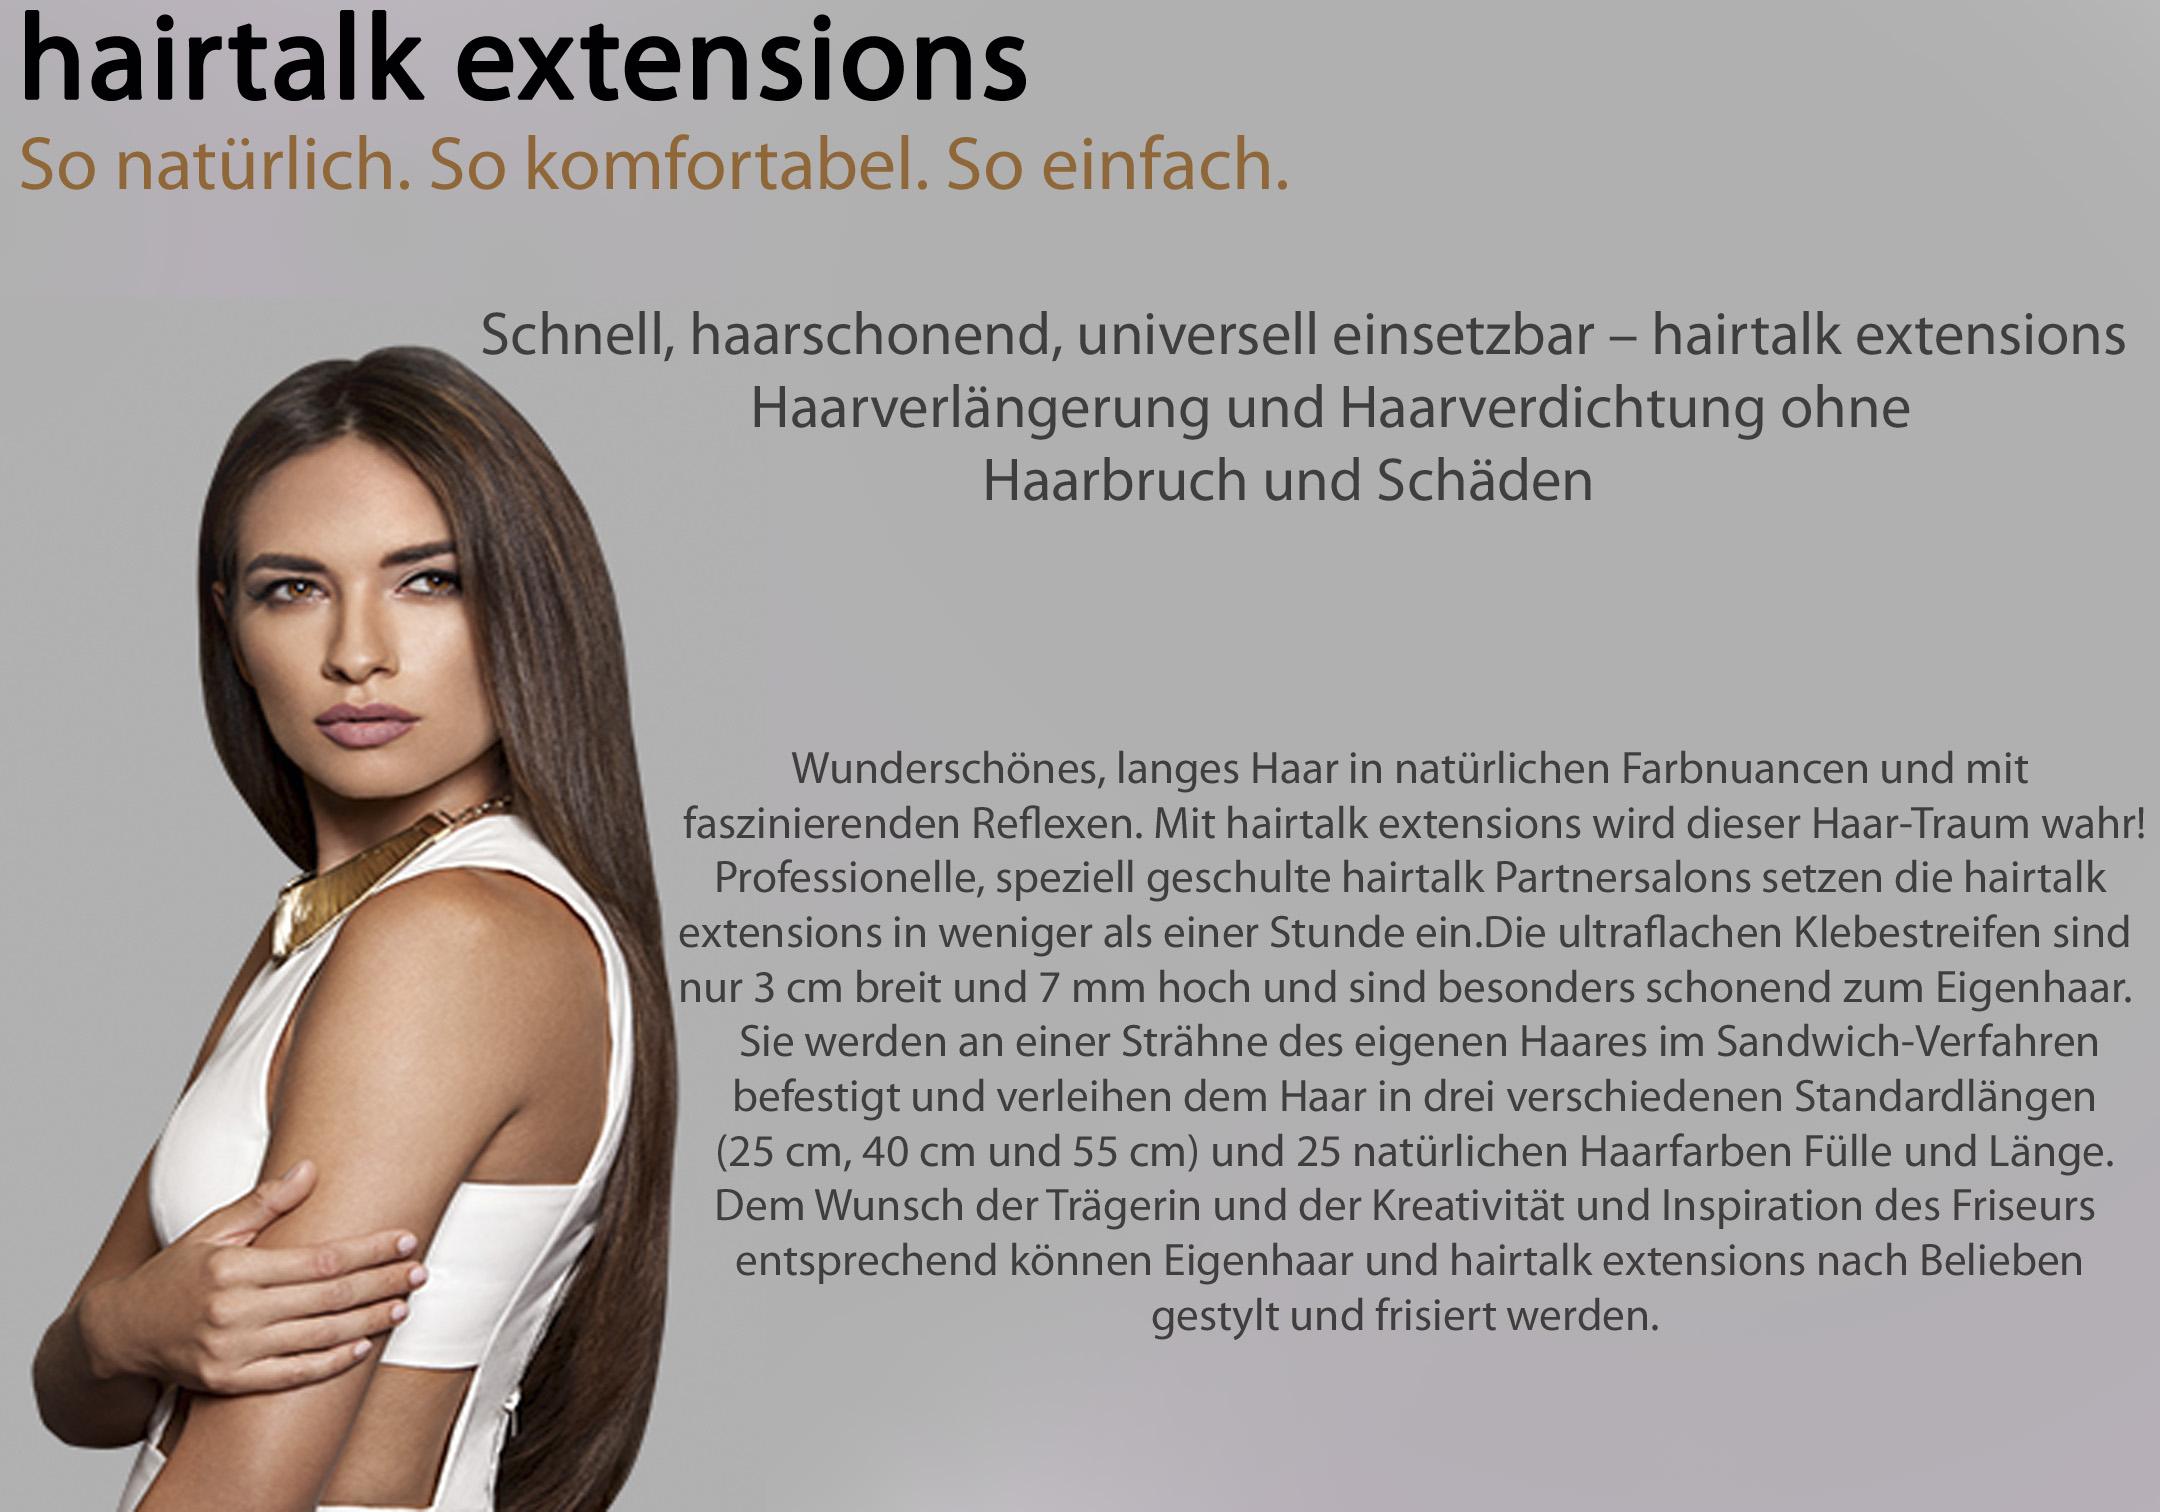 Hairtalk neues fotohomepage) Kopie